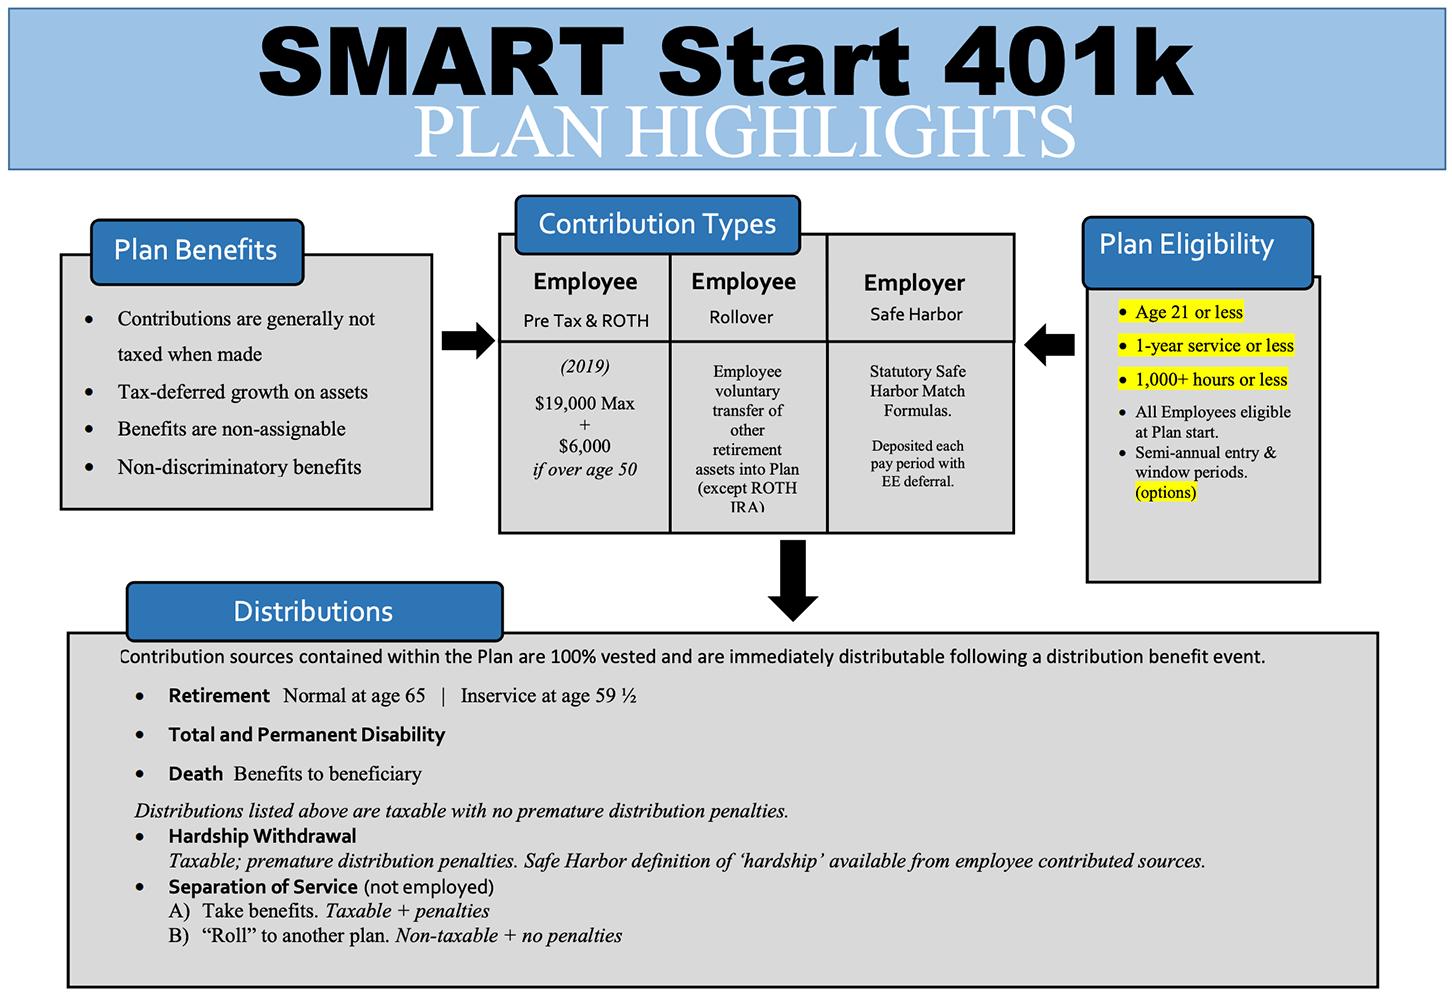 SMART Start 401K flowchart